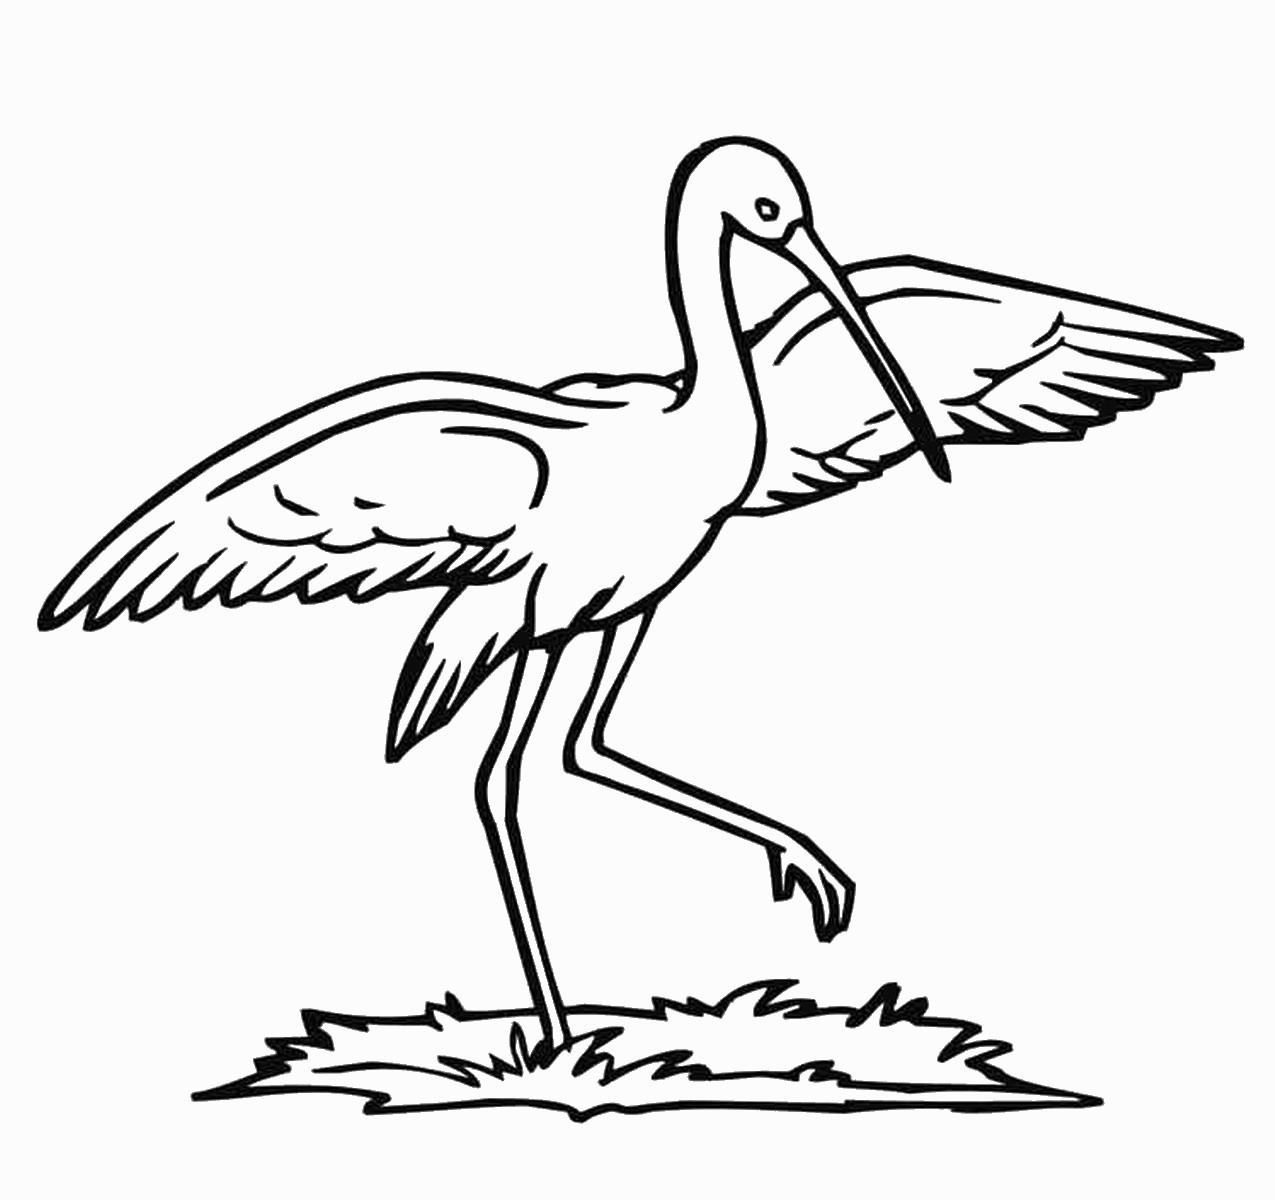 Stork coloring #17, Download drawings